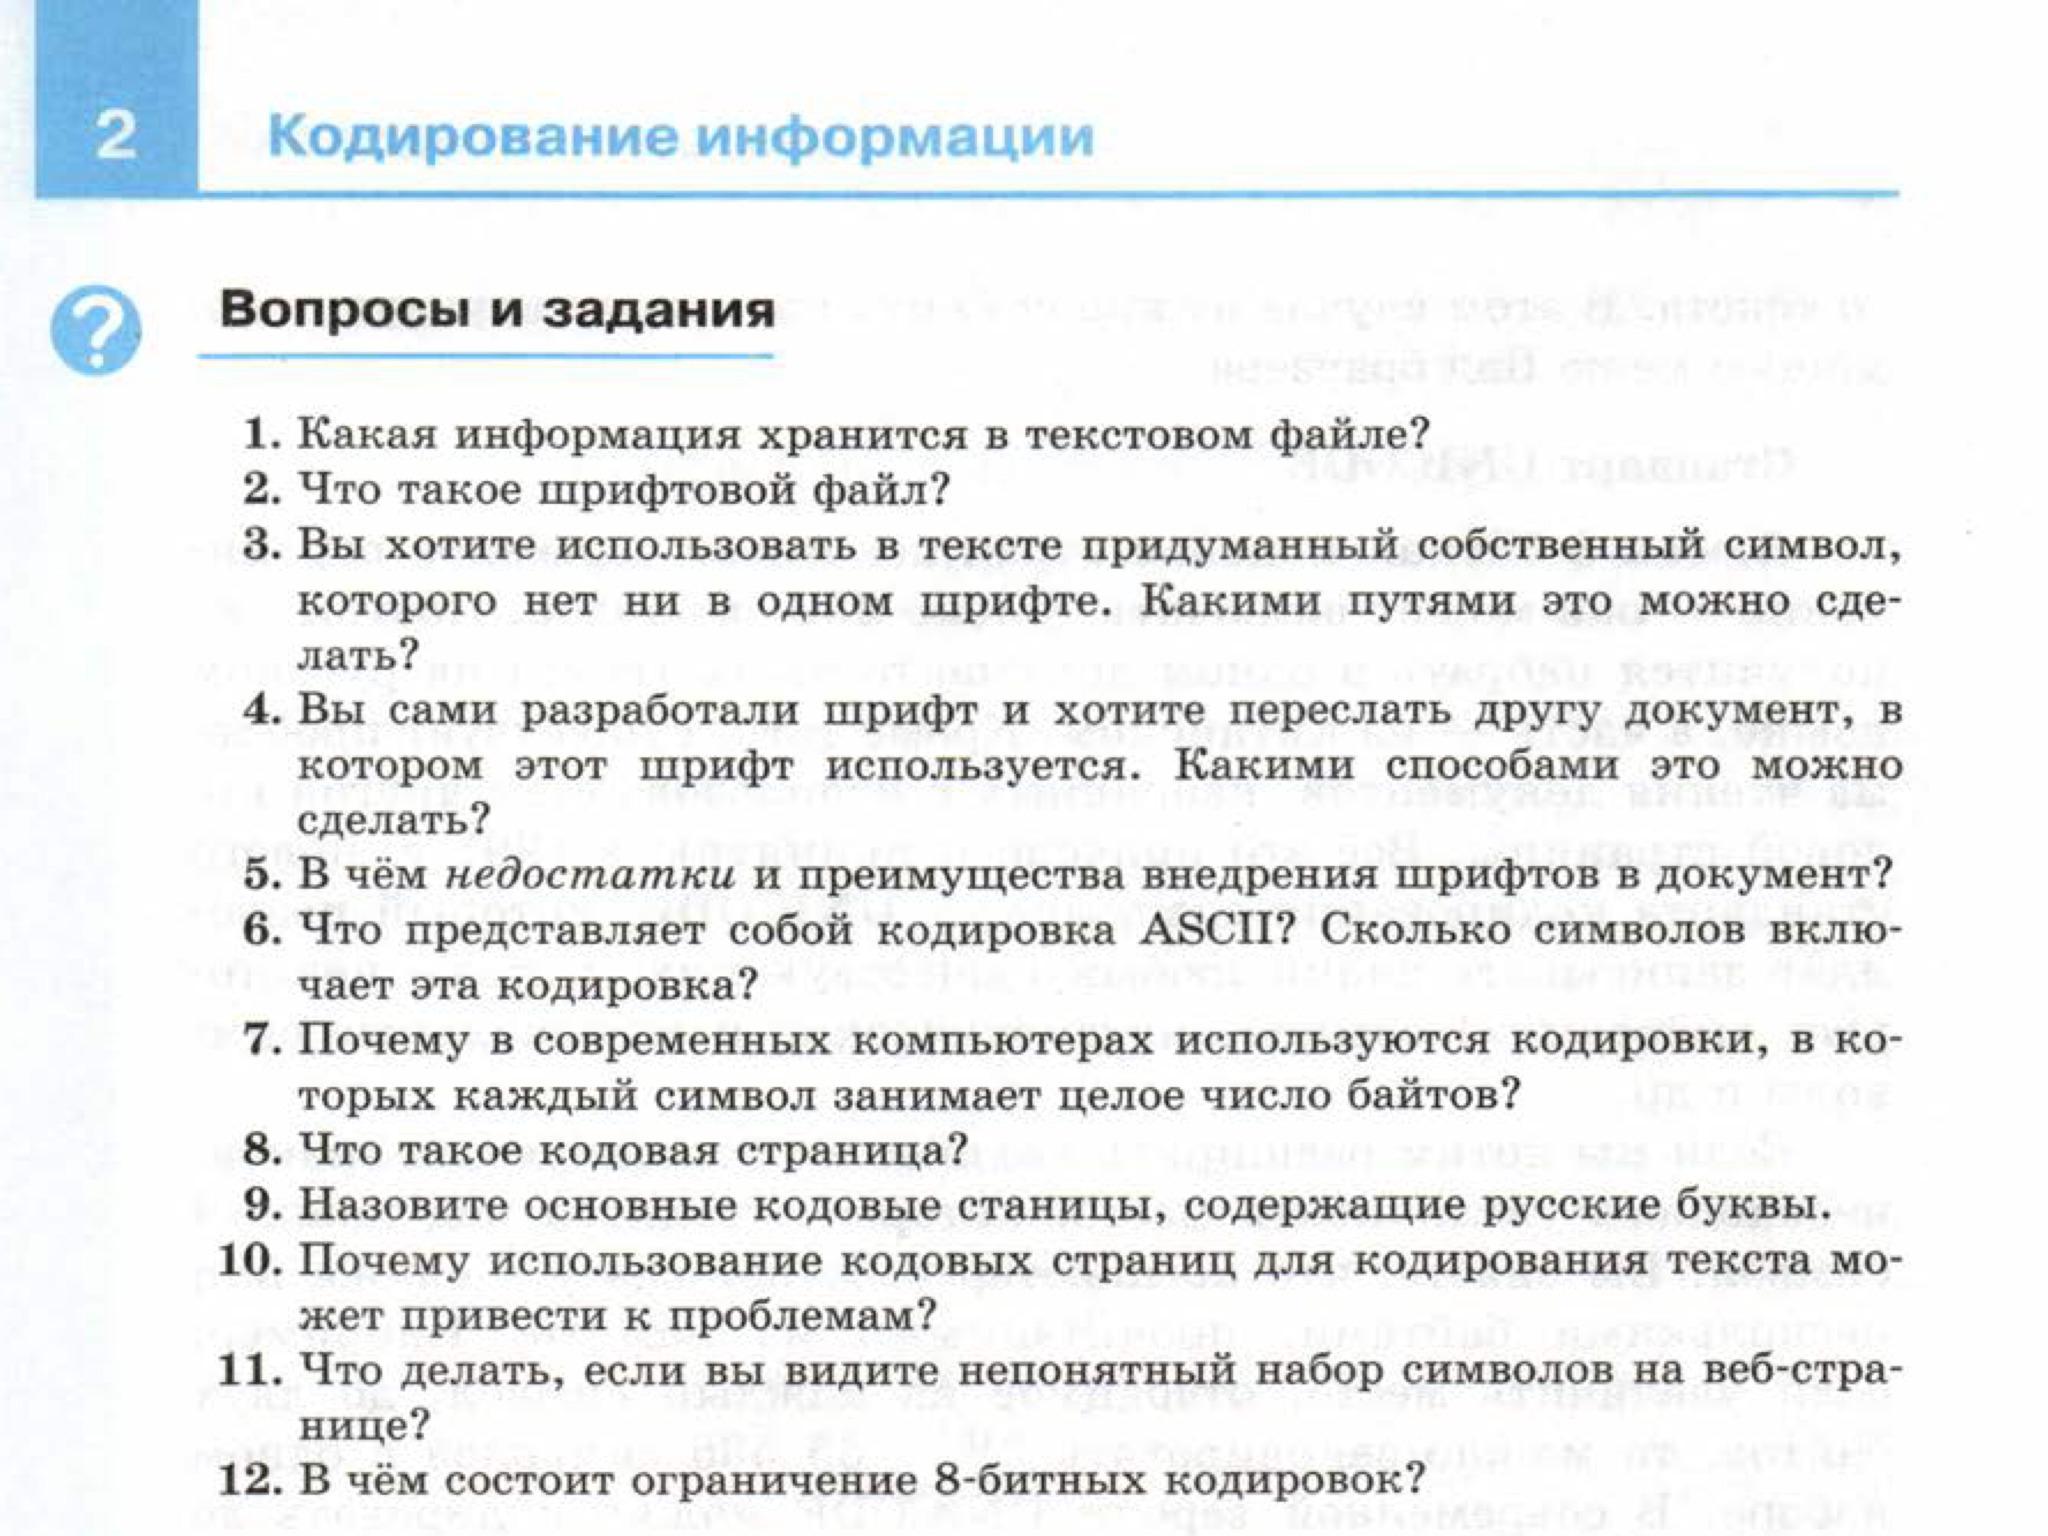 Ответы на вопросы по философии для поступающих в аспирантуру - 81